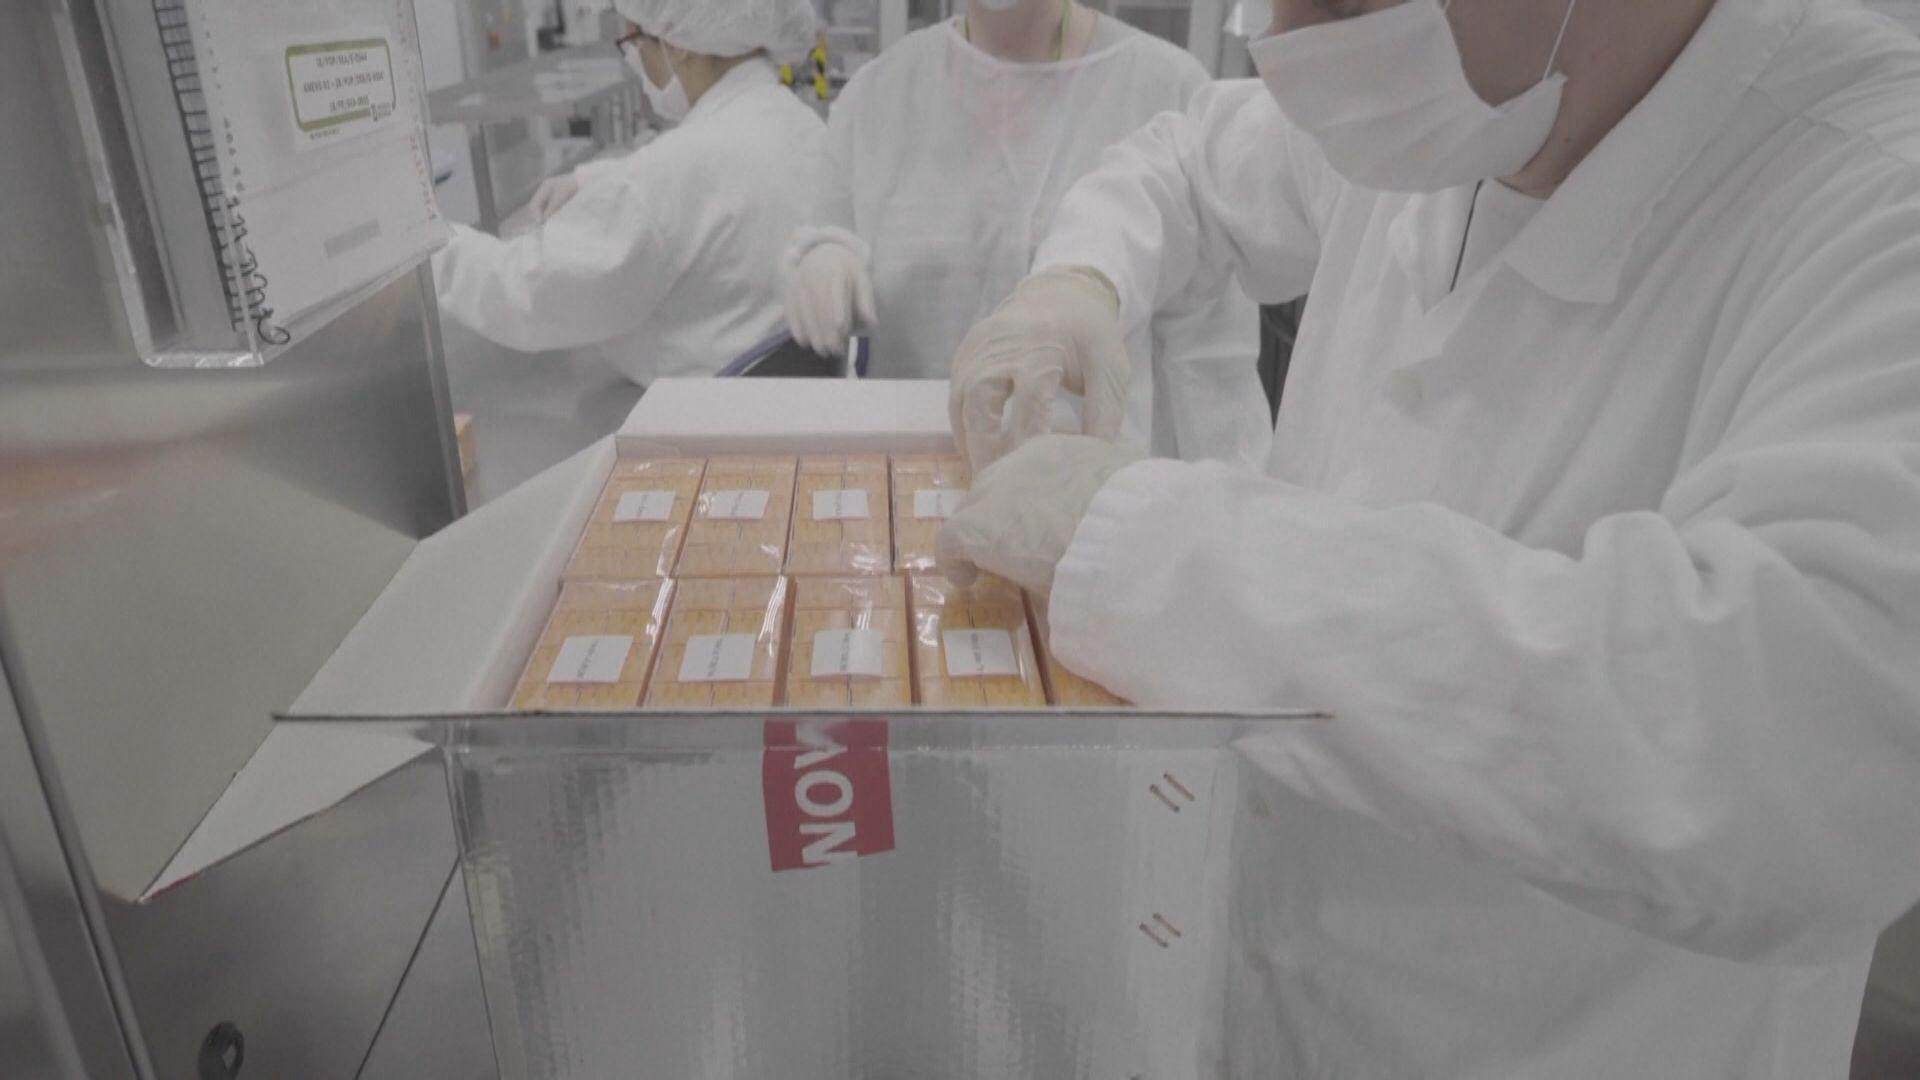 巴西指科興出口疫苗原材料清關延誤 疫苗即將用完